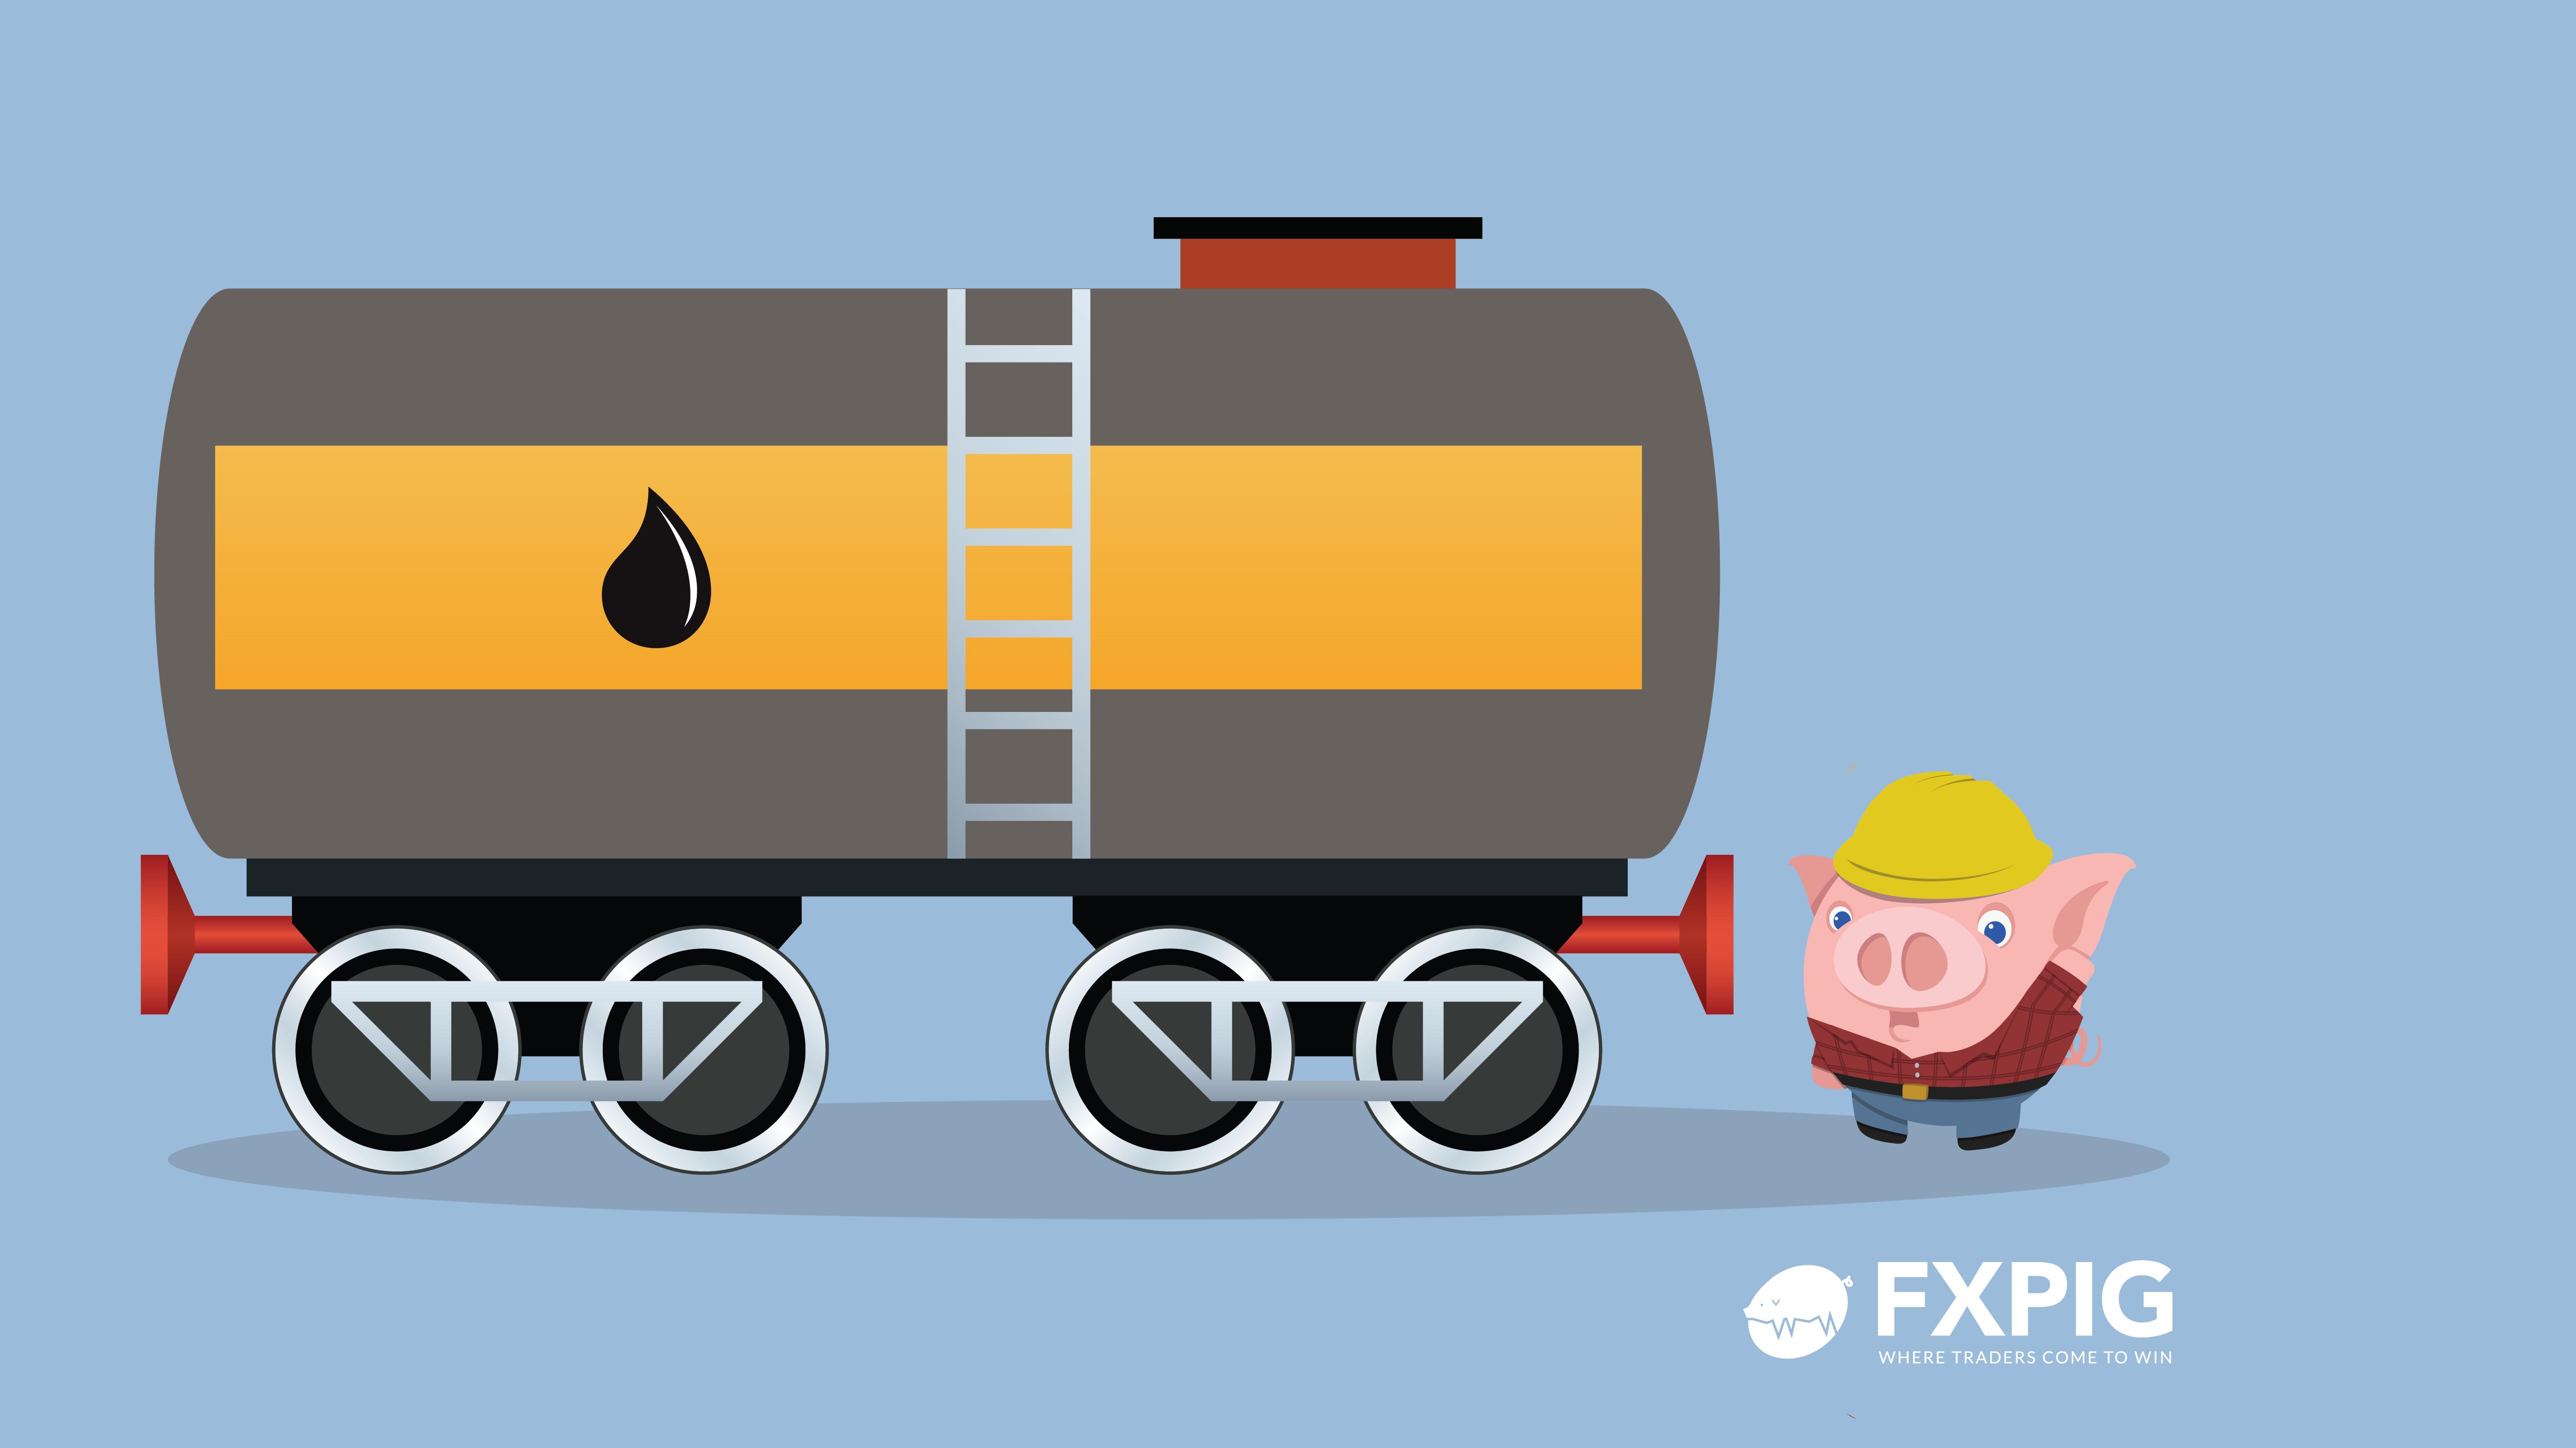 OIL_surges_Forex_FXPIG